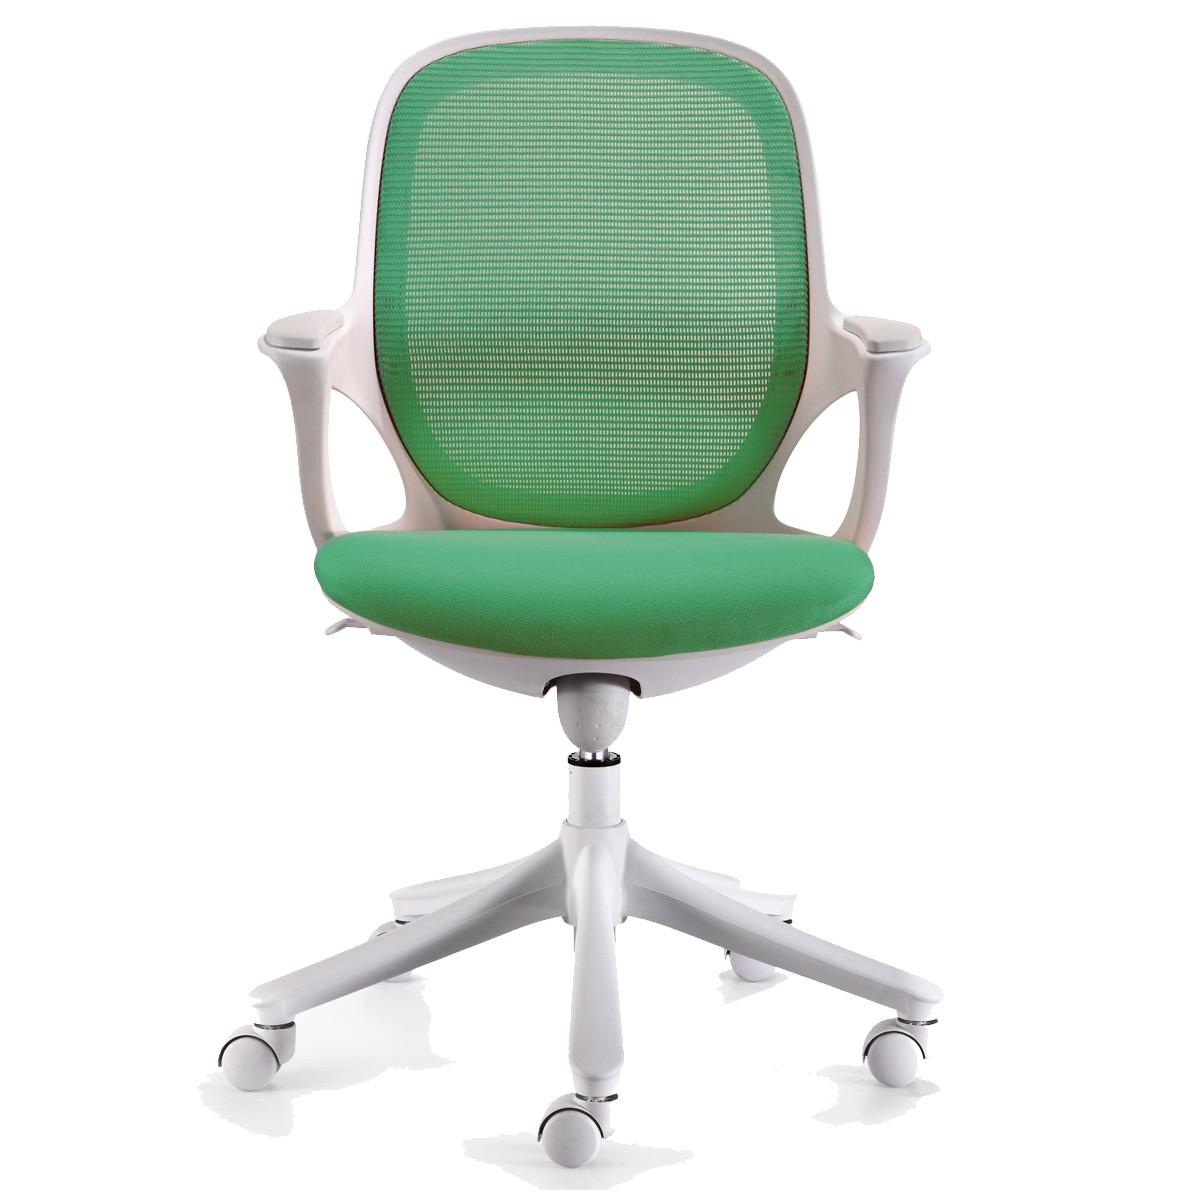 Bürostuhl weiß stoff  Amstyle Bürostuhl MAGLO Grün Stoff Schreibtischstuhl Drehstuhl ...